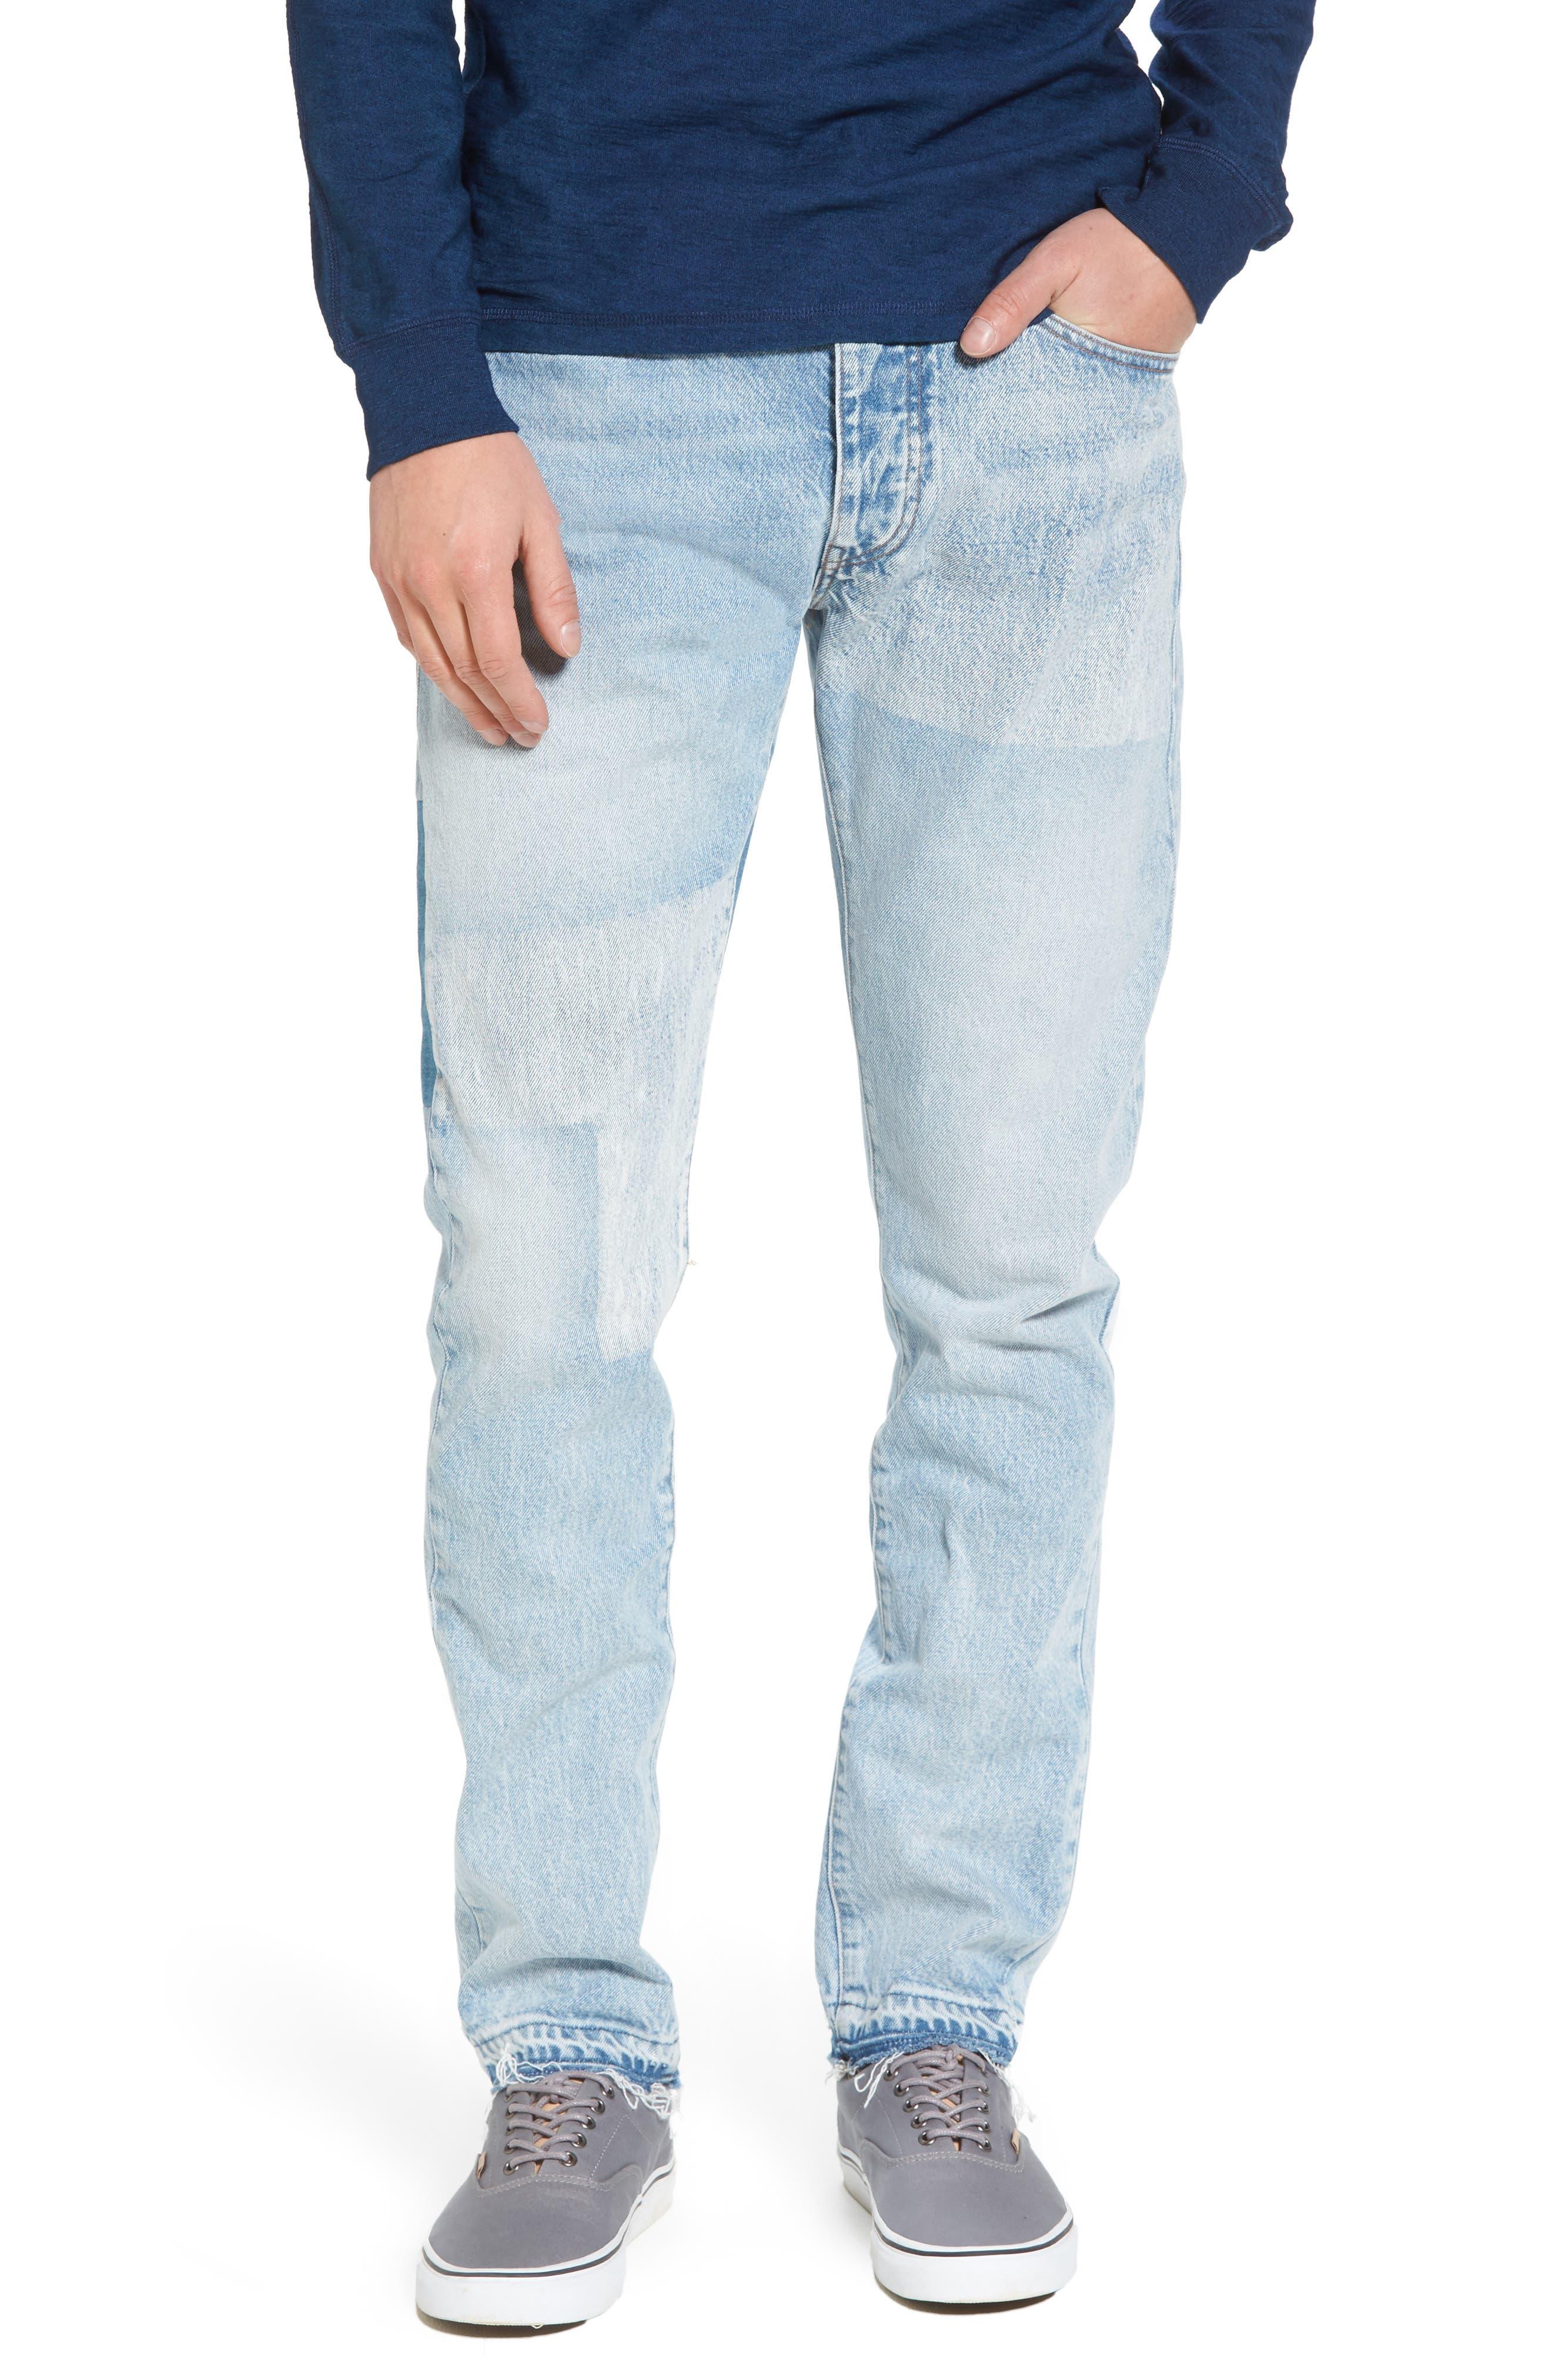 Studio Slim Fit Jeans,                             Main thumbnail 1, color,                             420